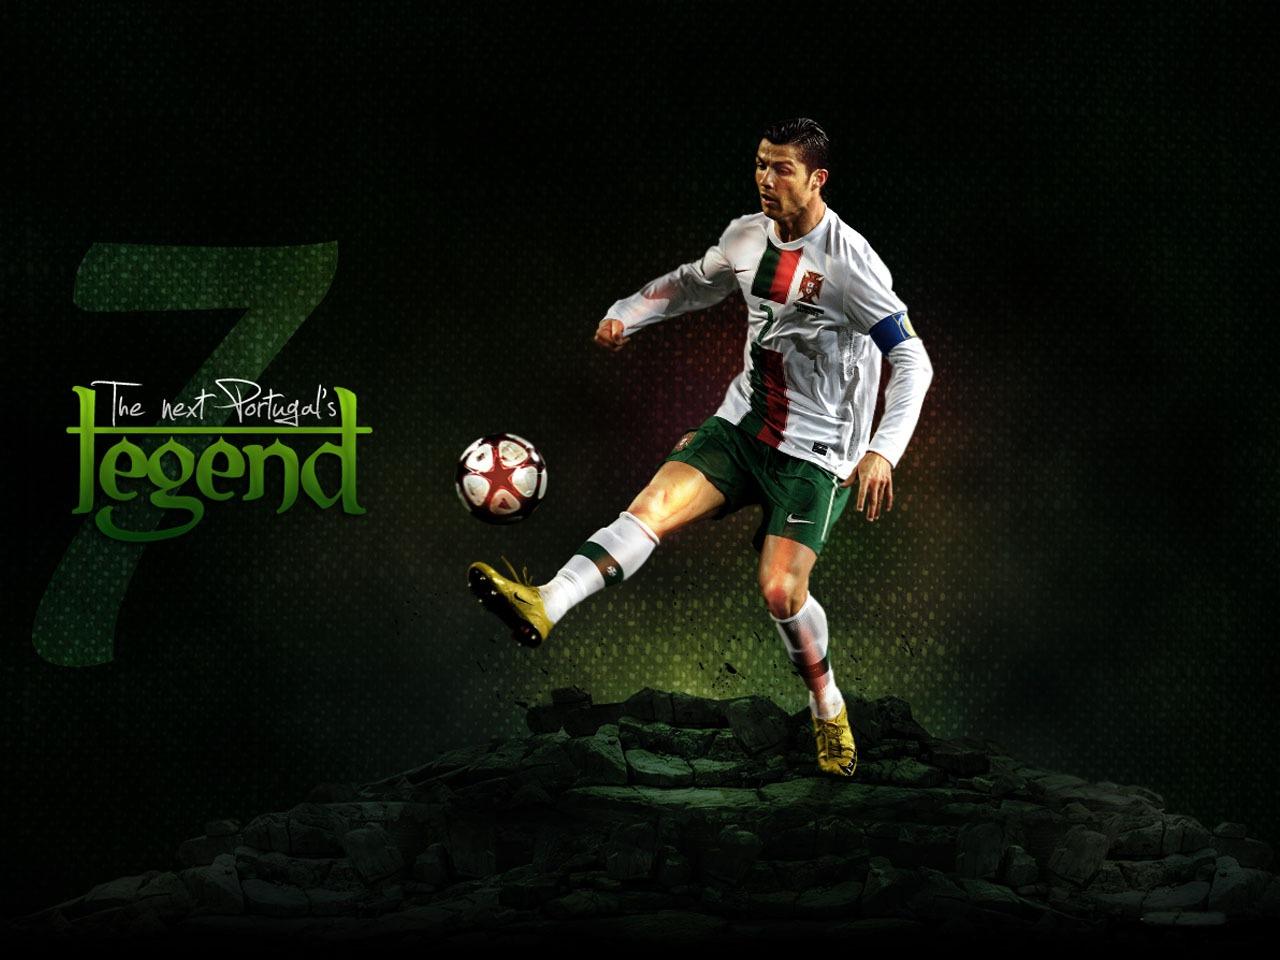 http://1.bp.blogspot.com/-SVrcS4sbBzQ/UOZl5mLm5zI/AAAAAAAAG1A/EhiiIy-9oZE/s1600/Cristiano+Ronaldo+hd+Wallpapers+2013_1.jpg